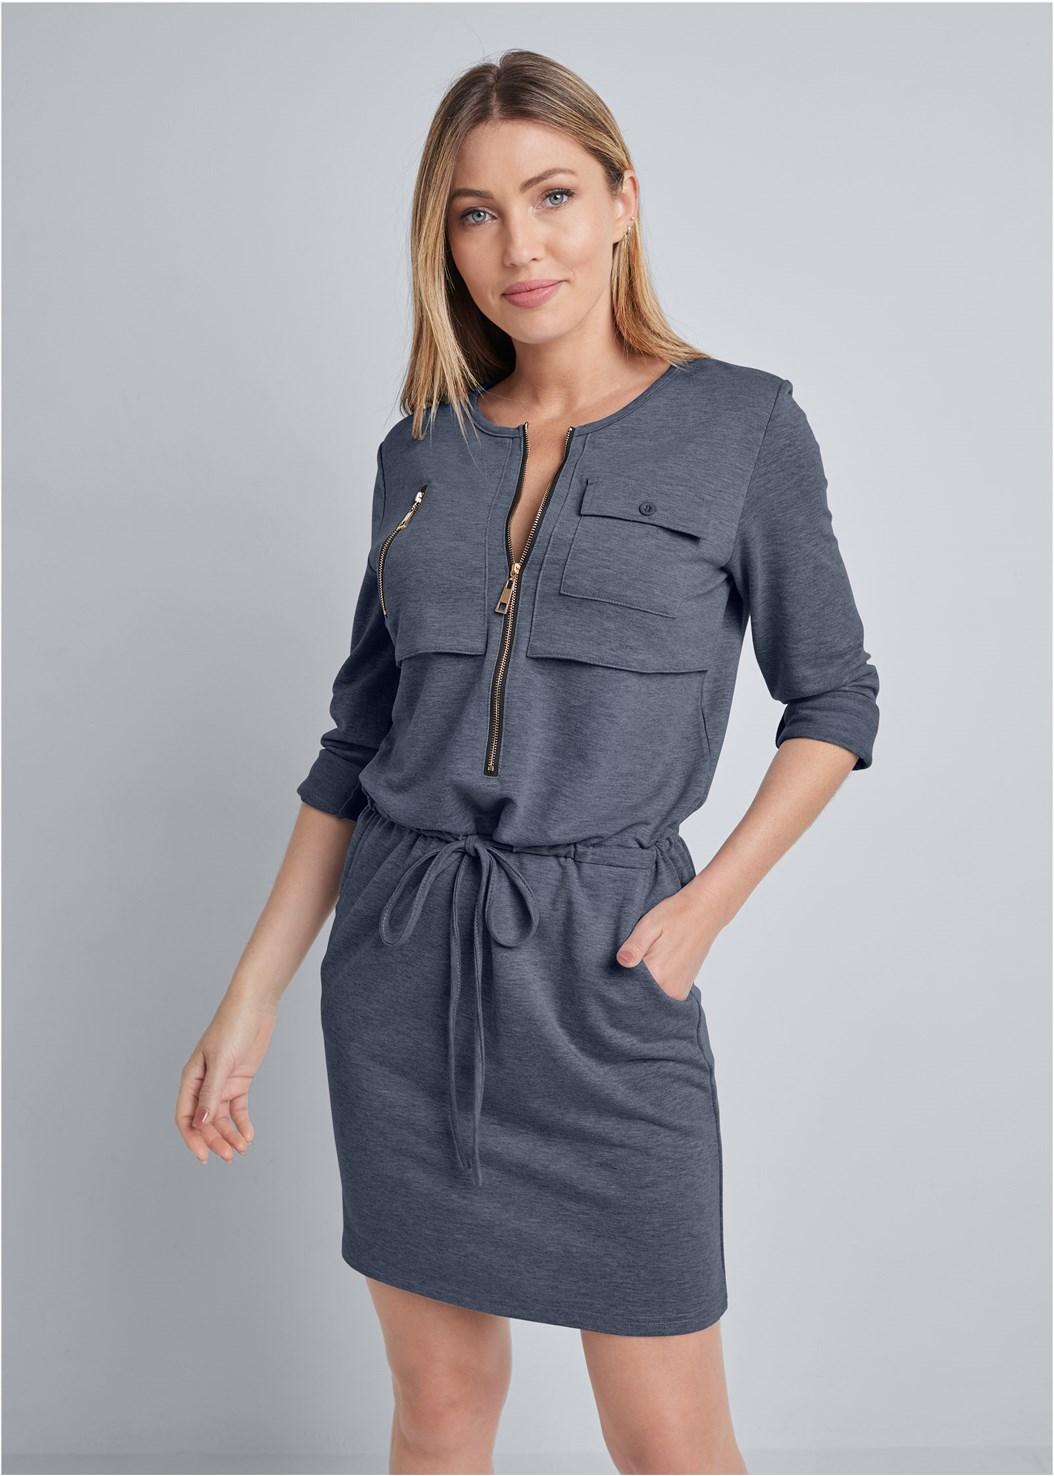 Zipper Detail Lounge Dress